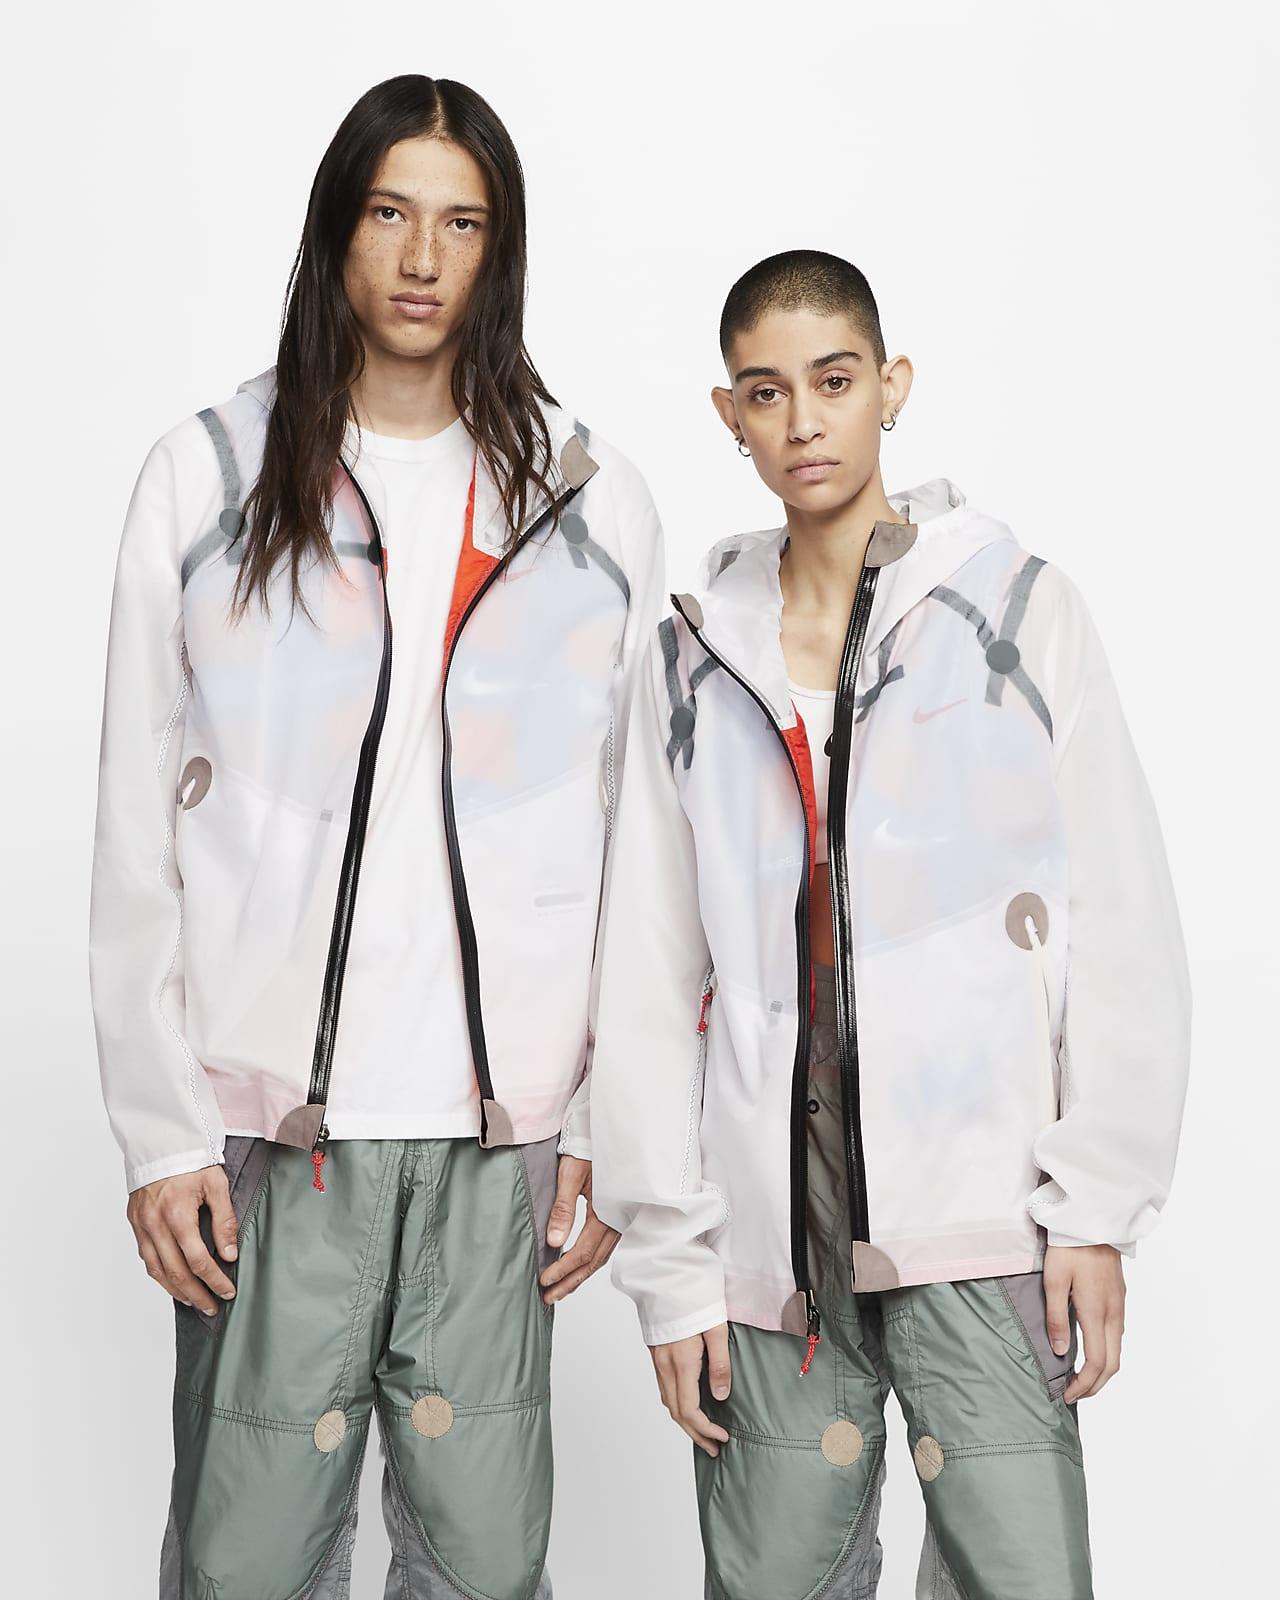 Nike ISPA Inflate Jacket